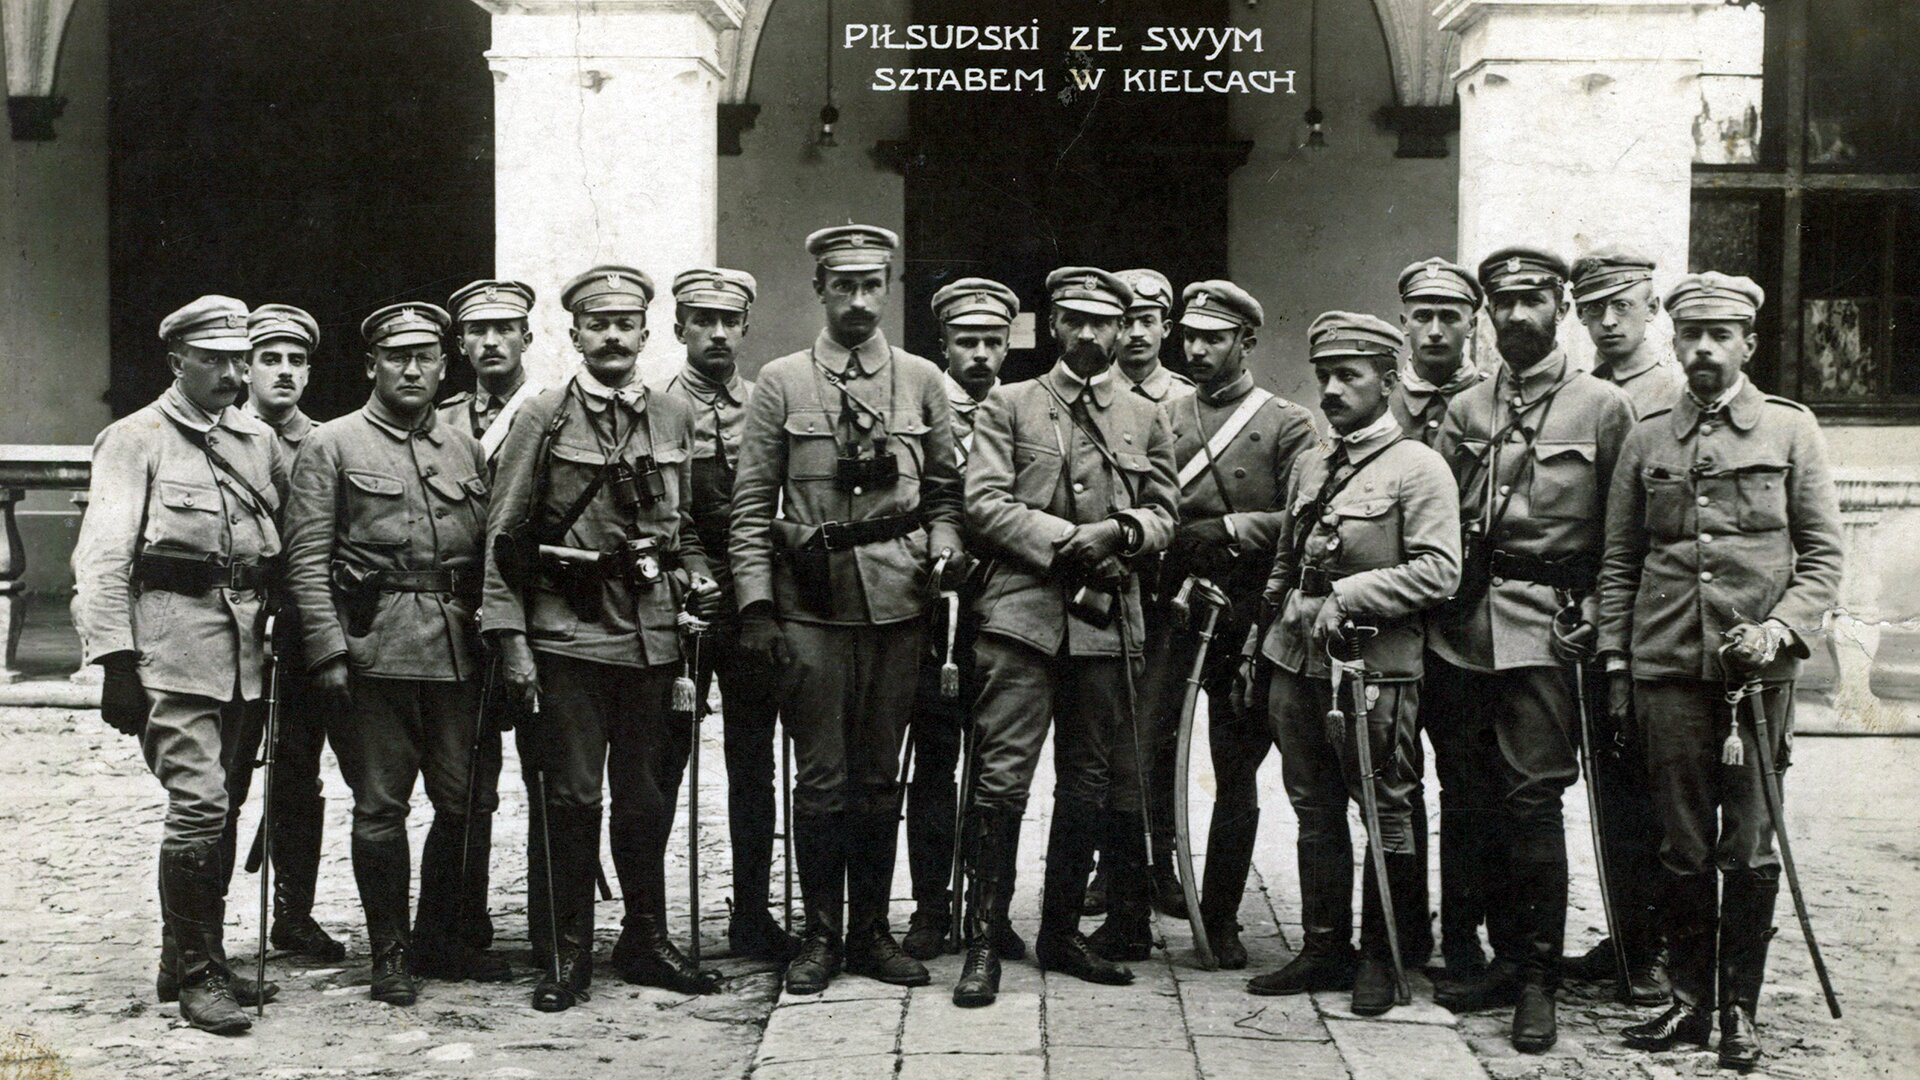 """Czarno-biała fotografia przedstawia grupę 16 żołnierzy ubranych wmundury polskich legionistów. Każdy znich ma przy pasie szablę. Wcentrum stoi Józef Piłsudski, po jego prawej ilewej stronie stoją członkowie sztabu. Ugóry zdjęcia widnieje napis: """"PIŁSUDSKI ZE SWYM SZTABEM WKIELCACH"""". Zdjęcie zrobiono przed pałacem. Grupa stoi ustawiona na tle pałacowego wejścia ozdobionego dwoma kolumnami. Pod zdjęciem zamieszczono informację ookolicznościach, wjakich zostało ono zrobione iprzedstawionych na nim postaciach: """" Sztab oficerów legionowych wKielcach, rok 1914. Od lewej: Ignacy Boerner, Zygmunt Sulistrowski, Aleksander Litwinowicz, Władysław Stryjeński, Michał Sokolnicki, NN, Kazimierz Sosnkowski, Michał Fuksiewicz, Józef Piłsudski, Michał Sawicki, Władysław Belina-Prażmowski, Mieczysław Trojanowski, Julian Stachiewicz, Walery Sławek, Roman Horoszkiewicz iGustaw Daniłowski."""""""